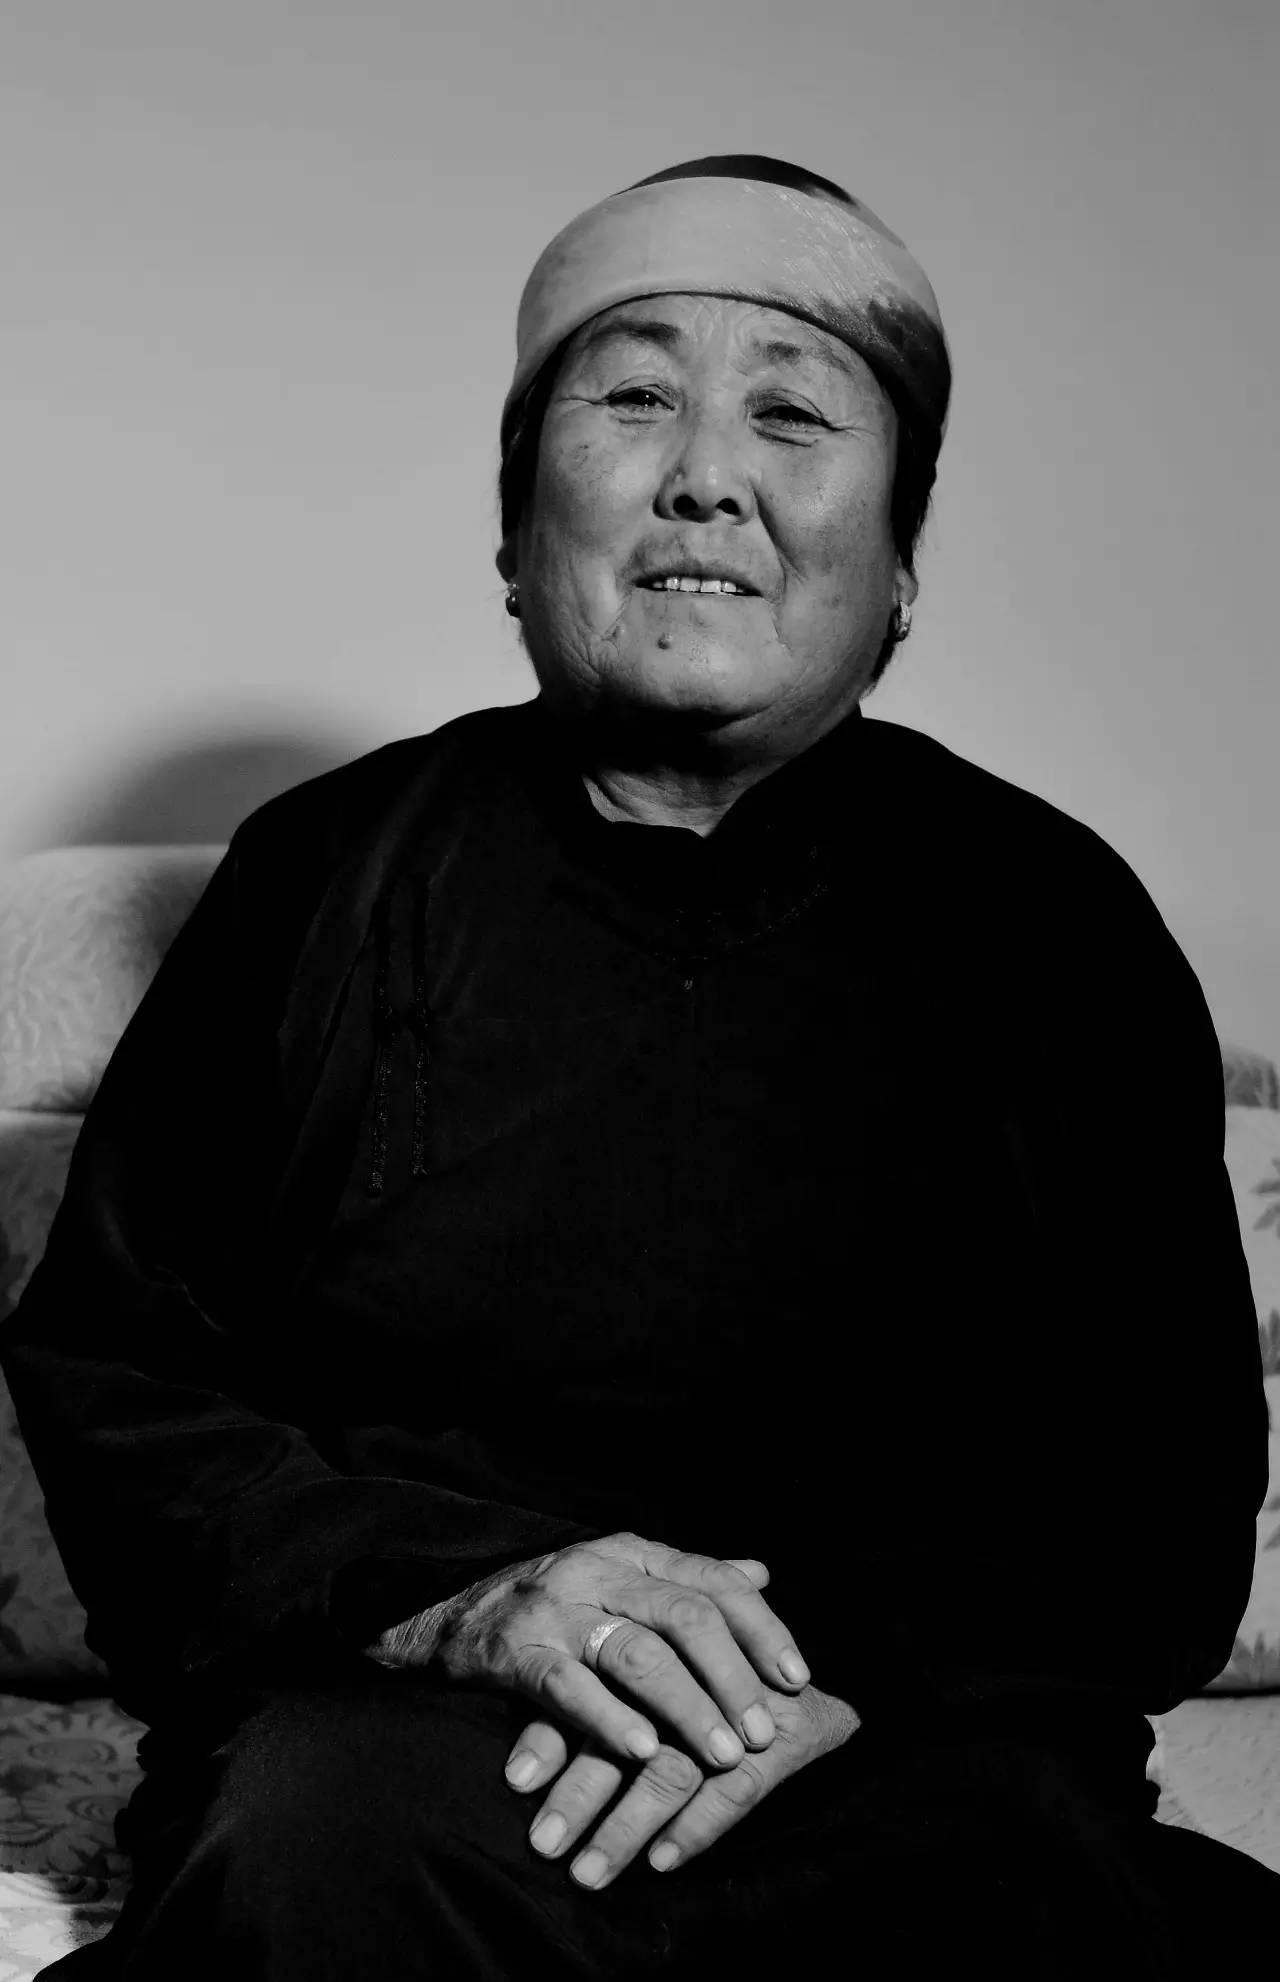 【ANU美图】摄影师吉雅:传统蒙古族牧民黑白纪实作品欣赏 第10张